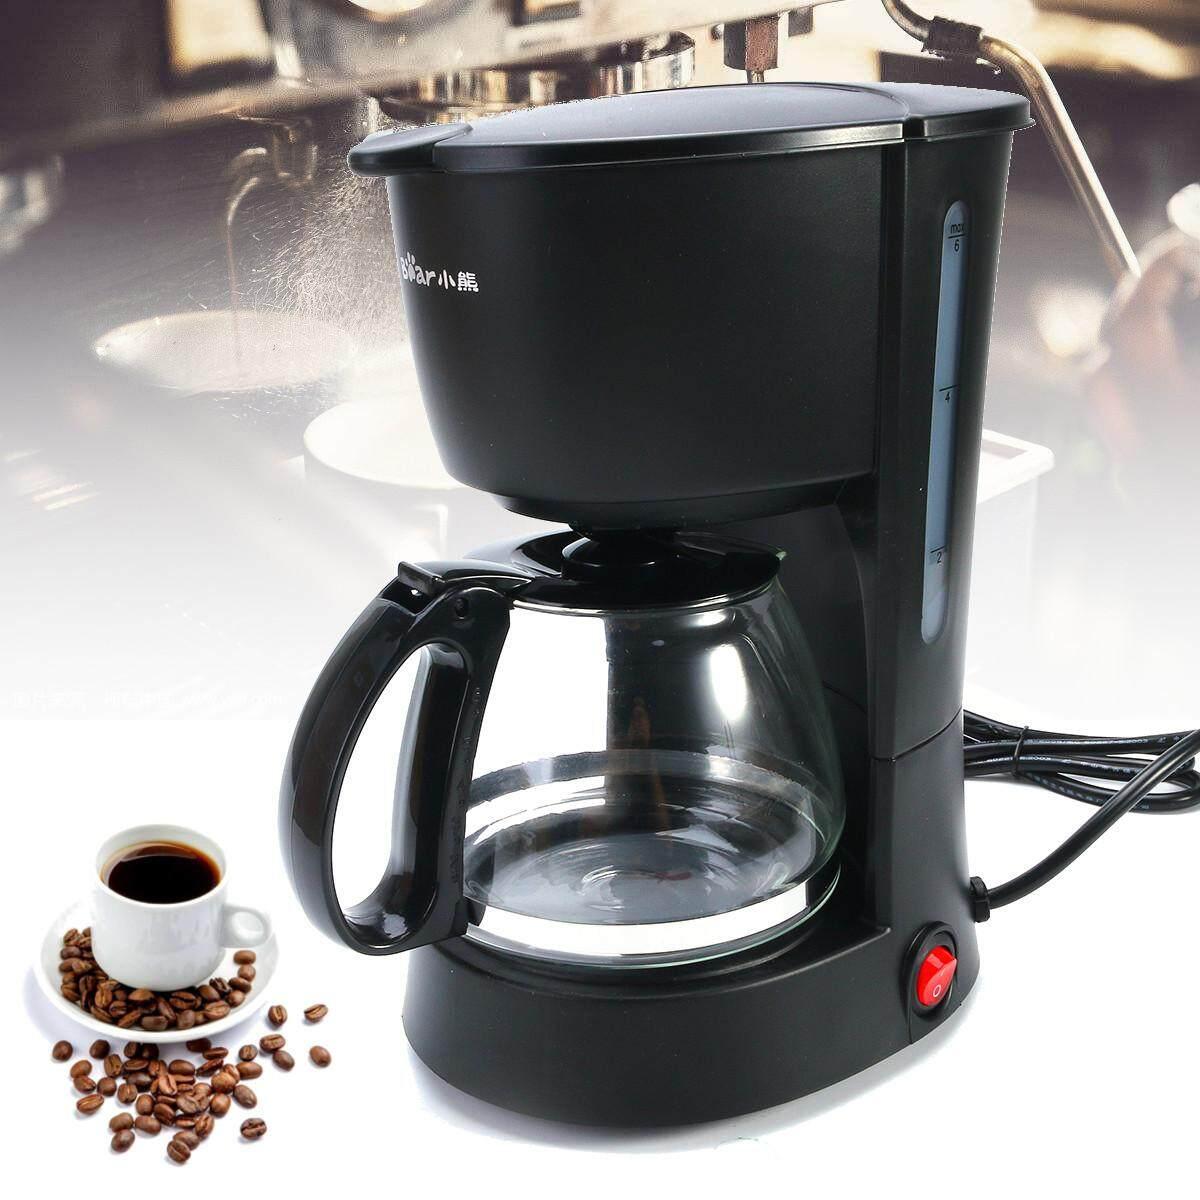 Tự động Chuyên Nghiệp Cappuccino Pha Cà Phê Pha Cà Phê Tự Động Máy pha cà phê Gia Đình